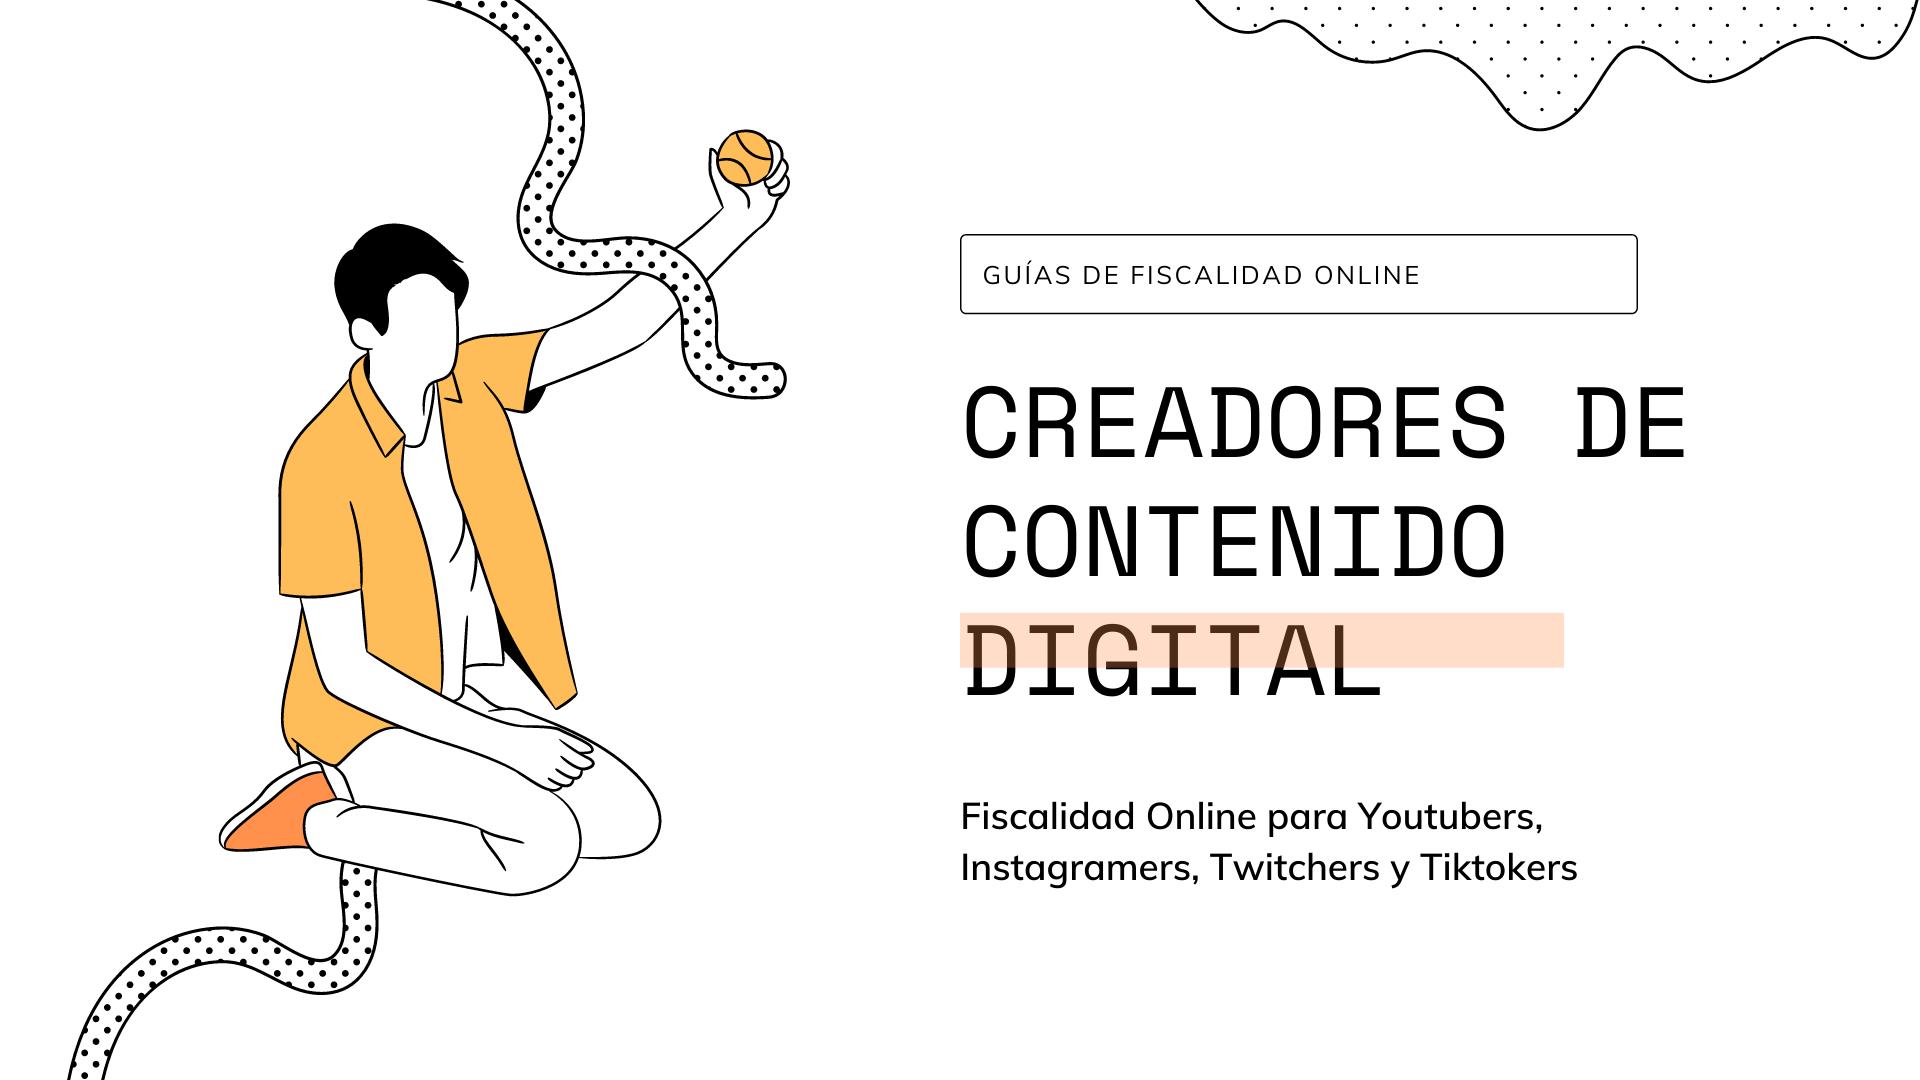 fiscalidad de creadores de contenido digital